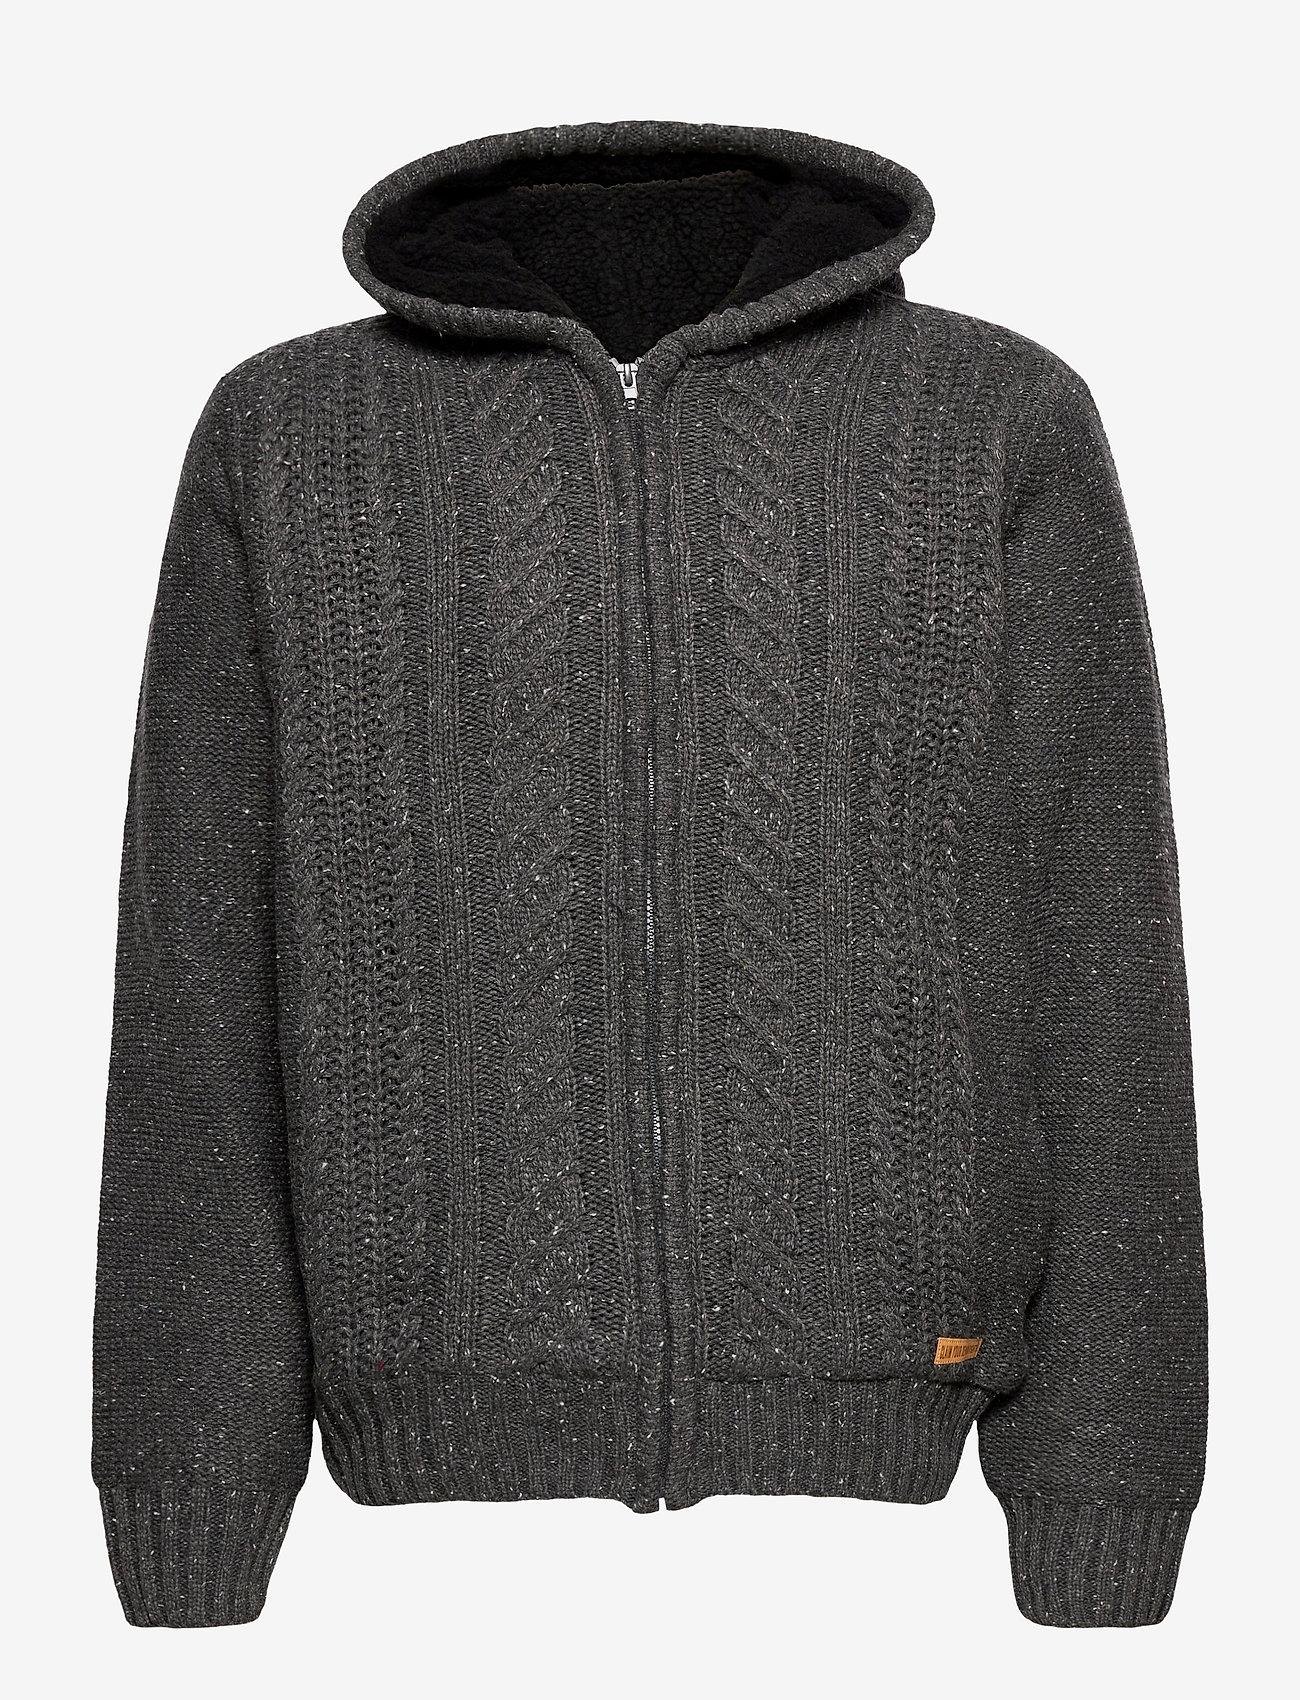 Blend - Cardigan - basic knitwear - pewter mix - 0